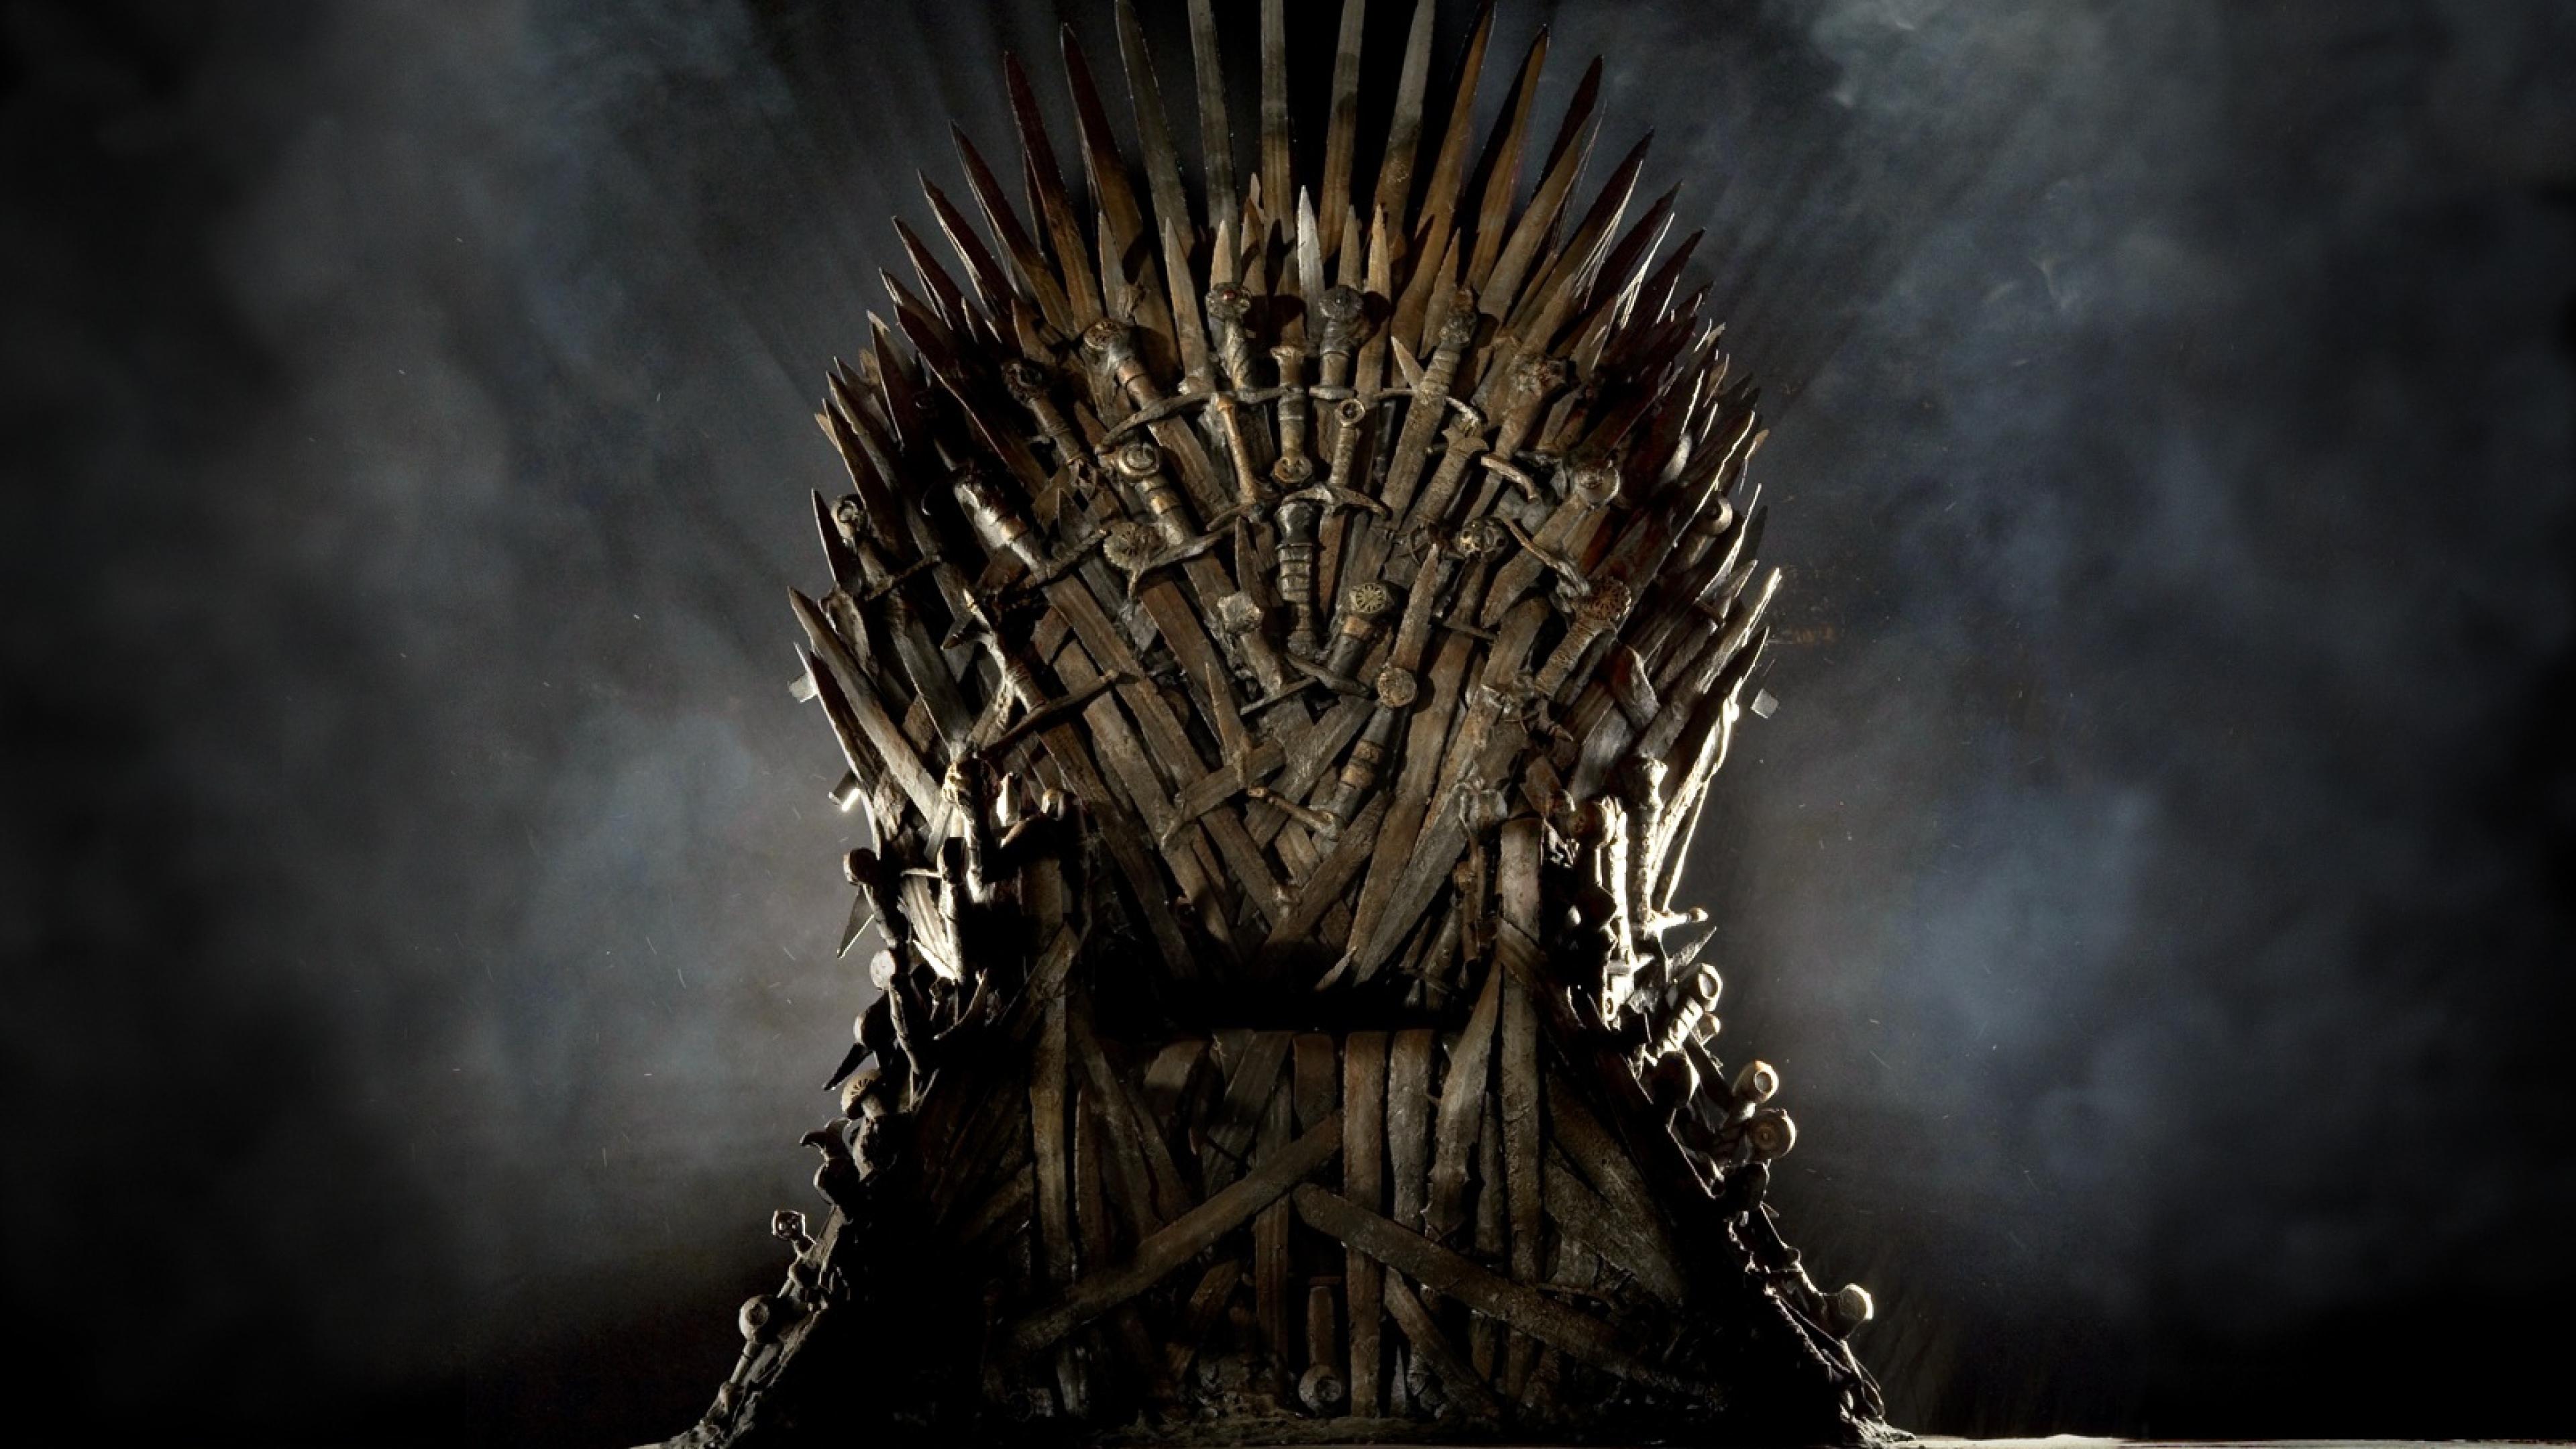 4K Game of Thrones Wallpaper 3840x2160